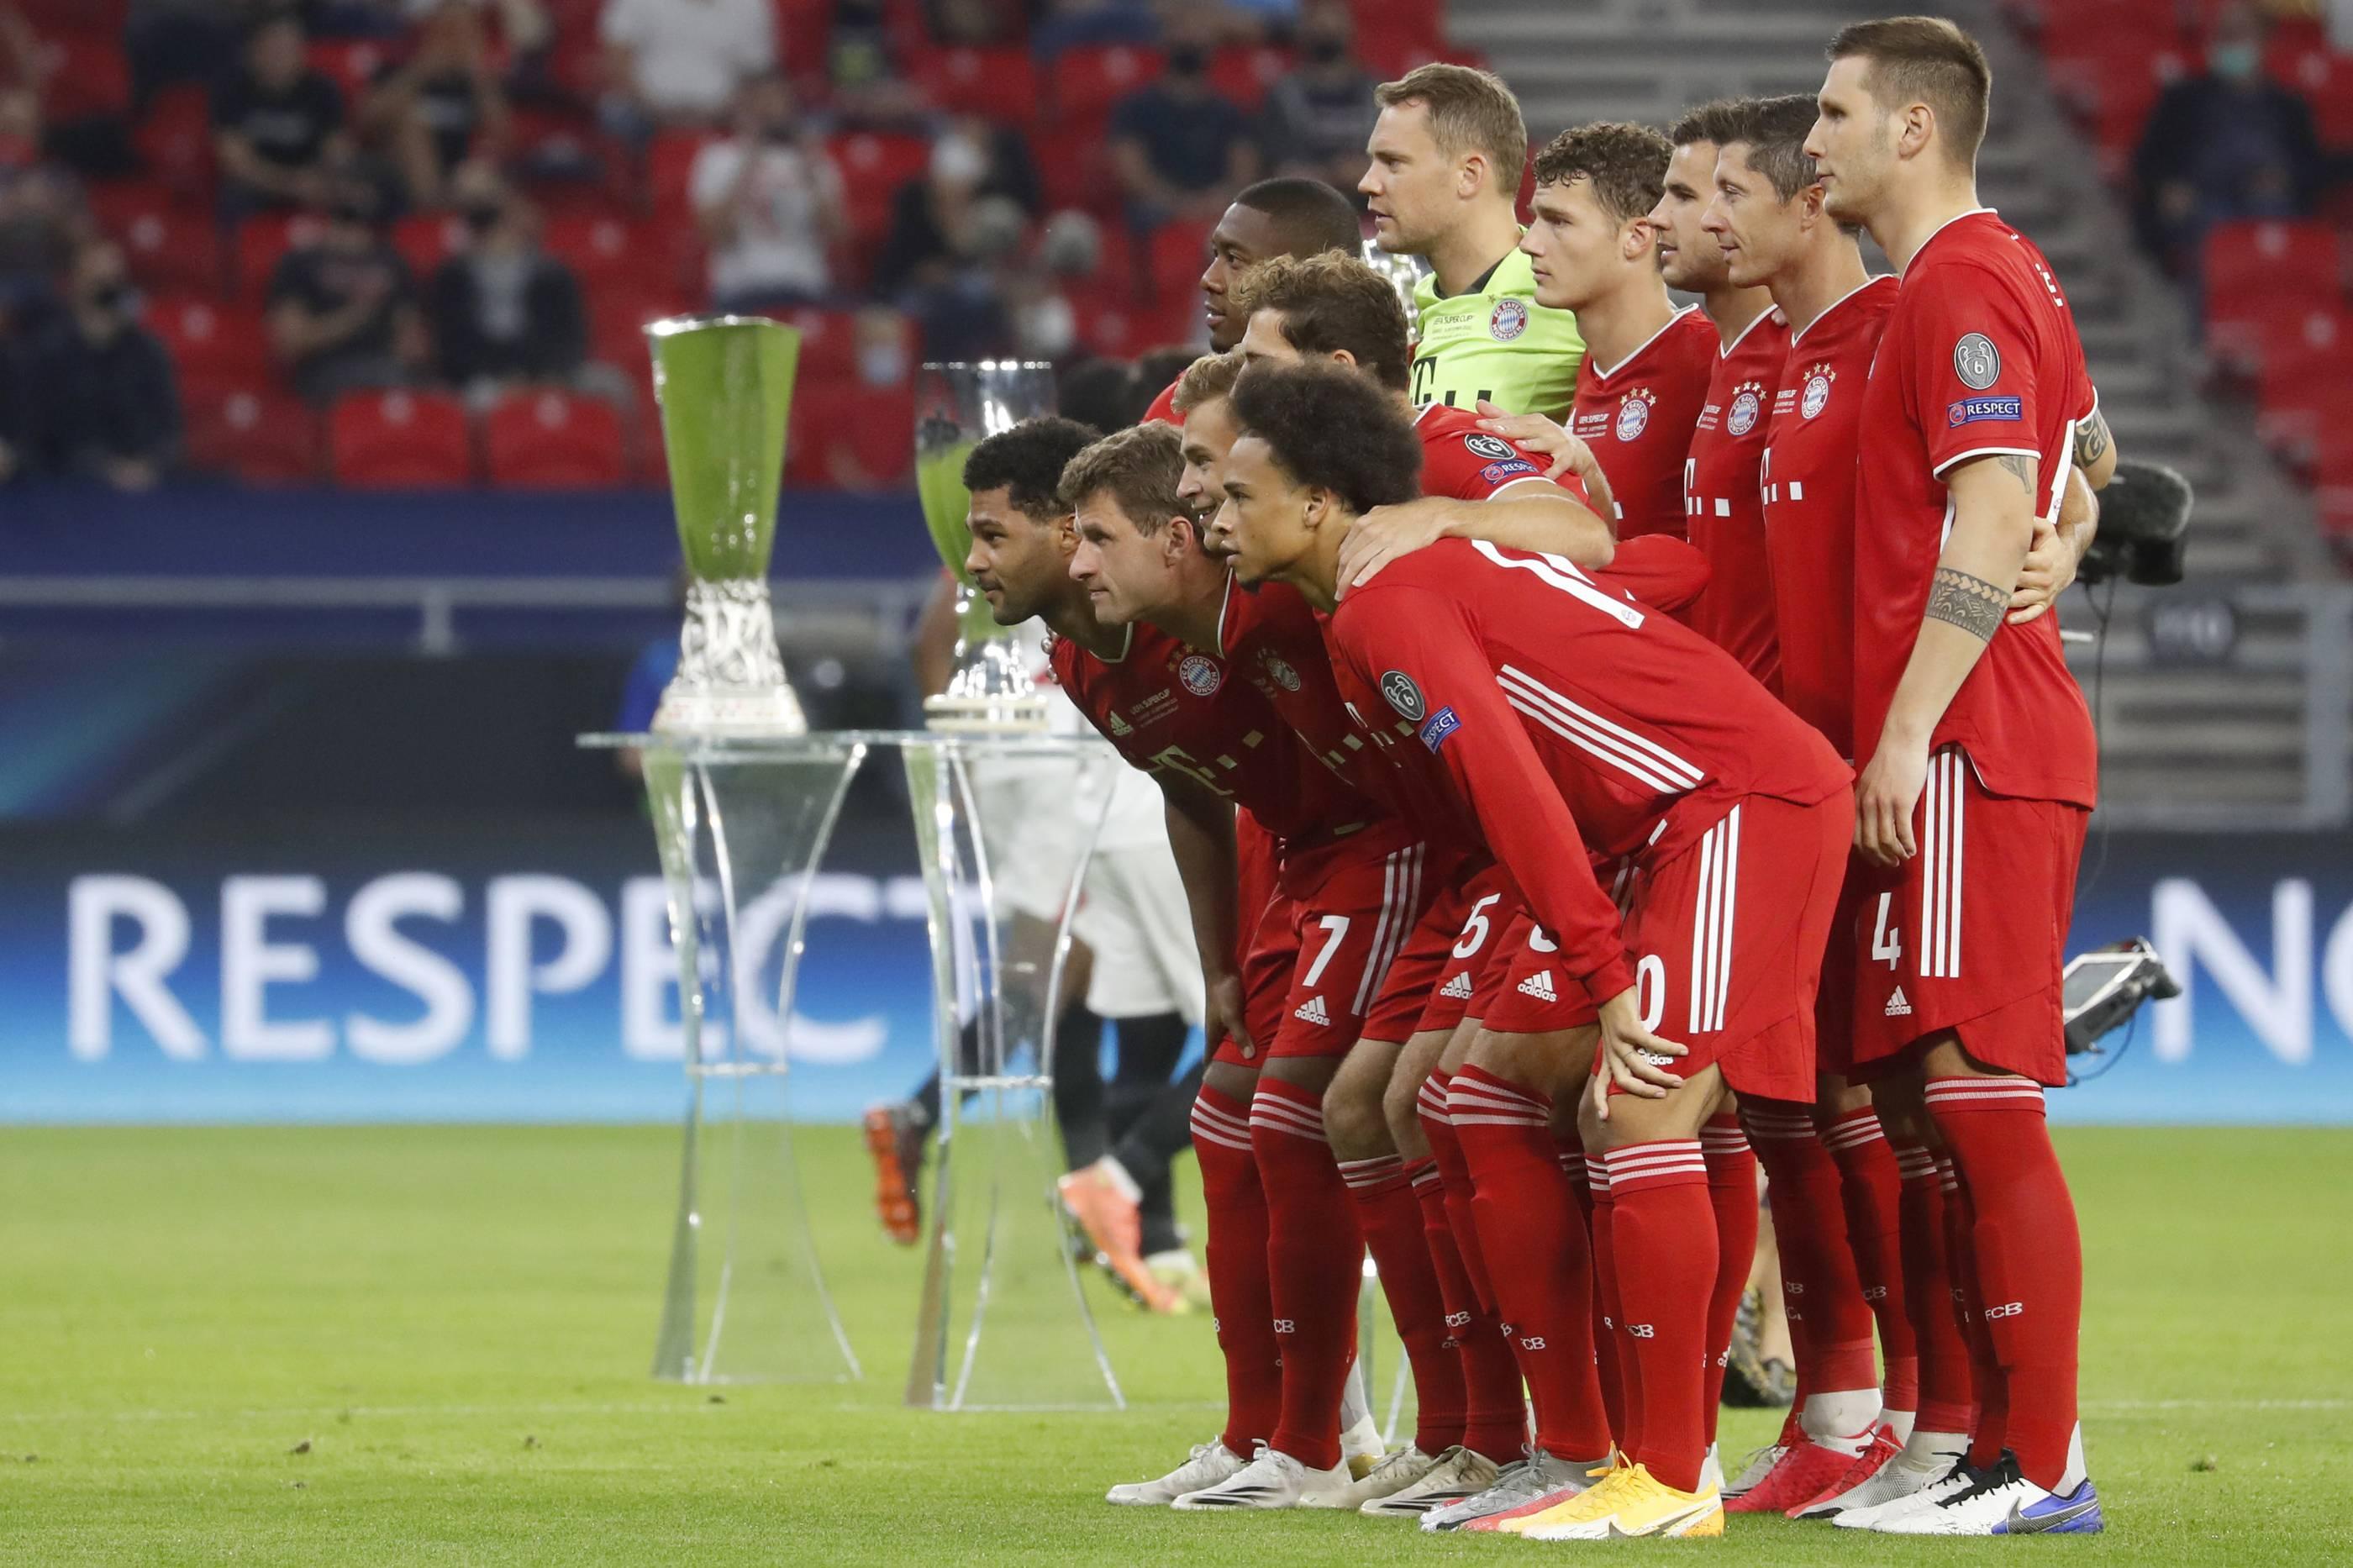 Fussball Bayern Sevilla